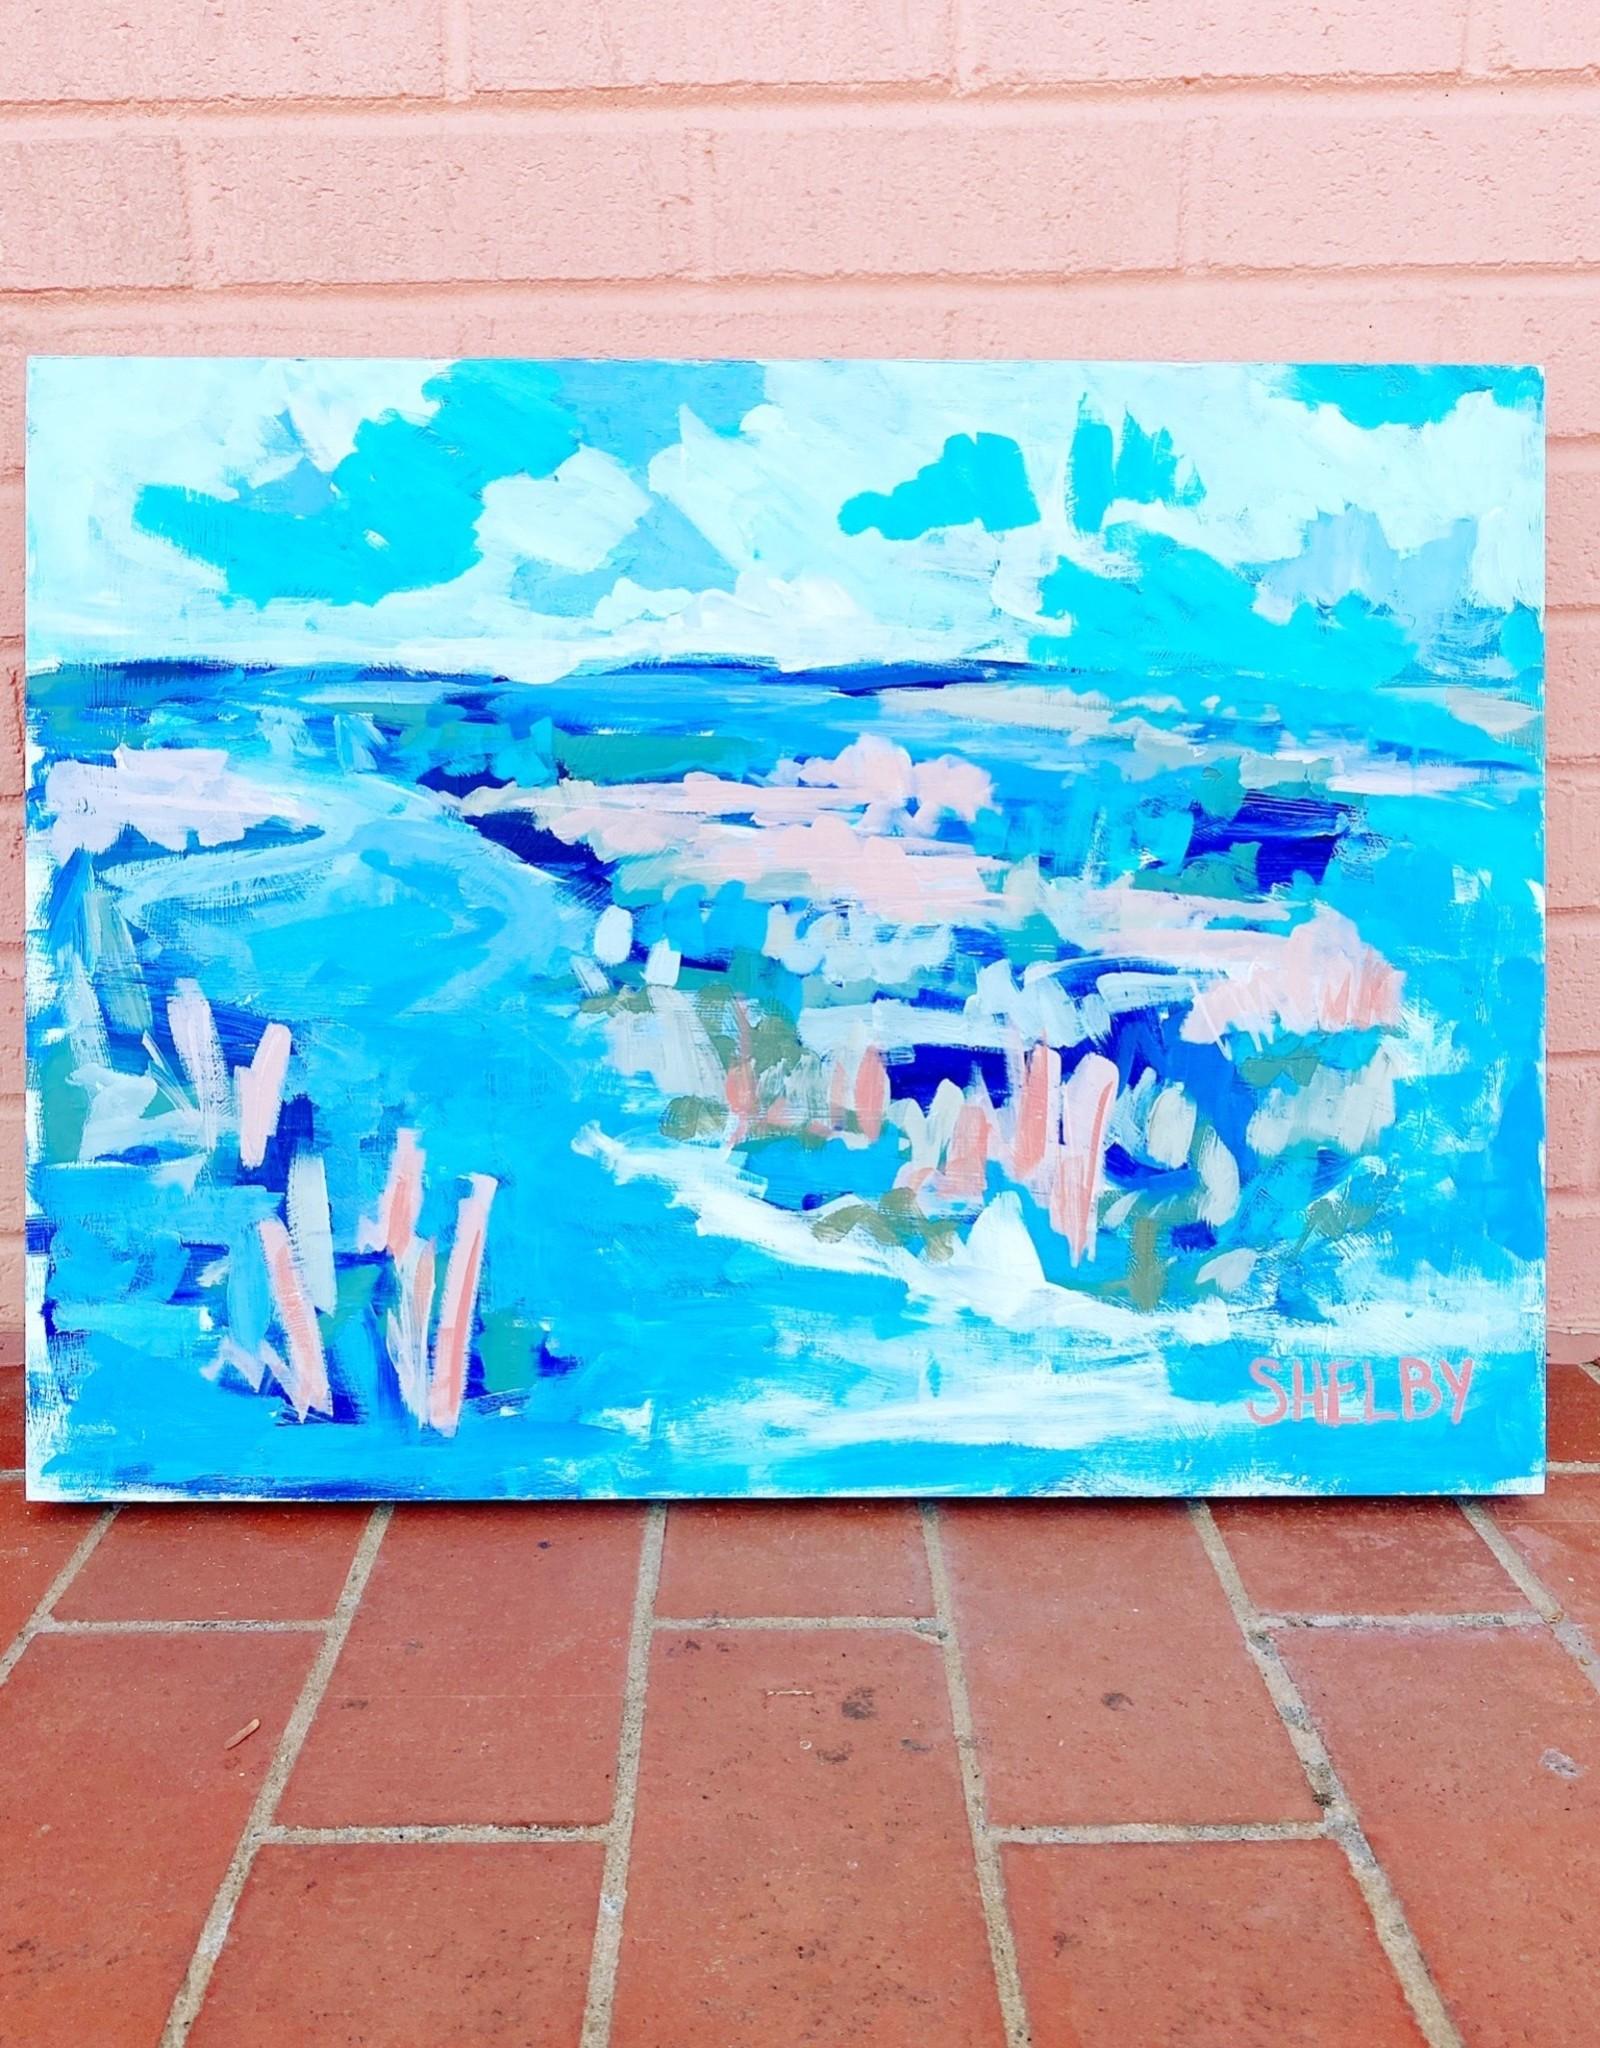 Shelby Dillion SD Original Artwork